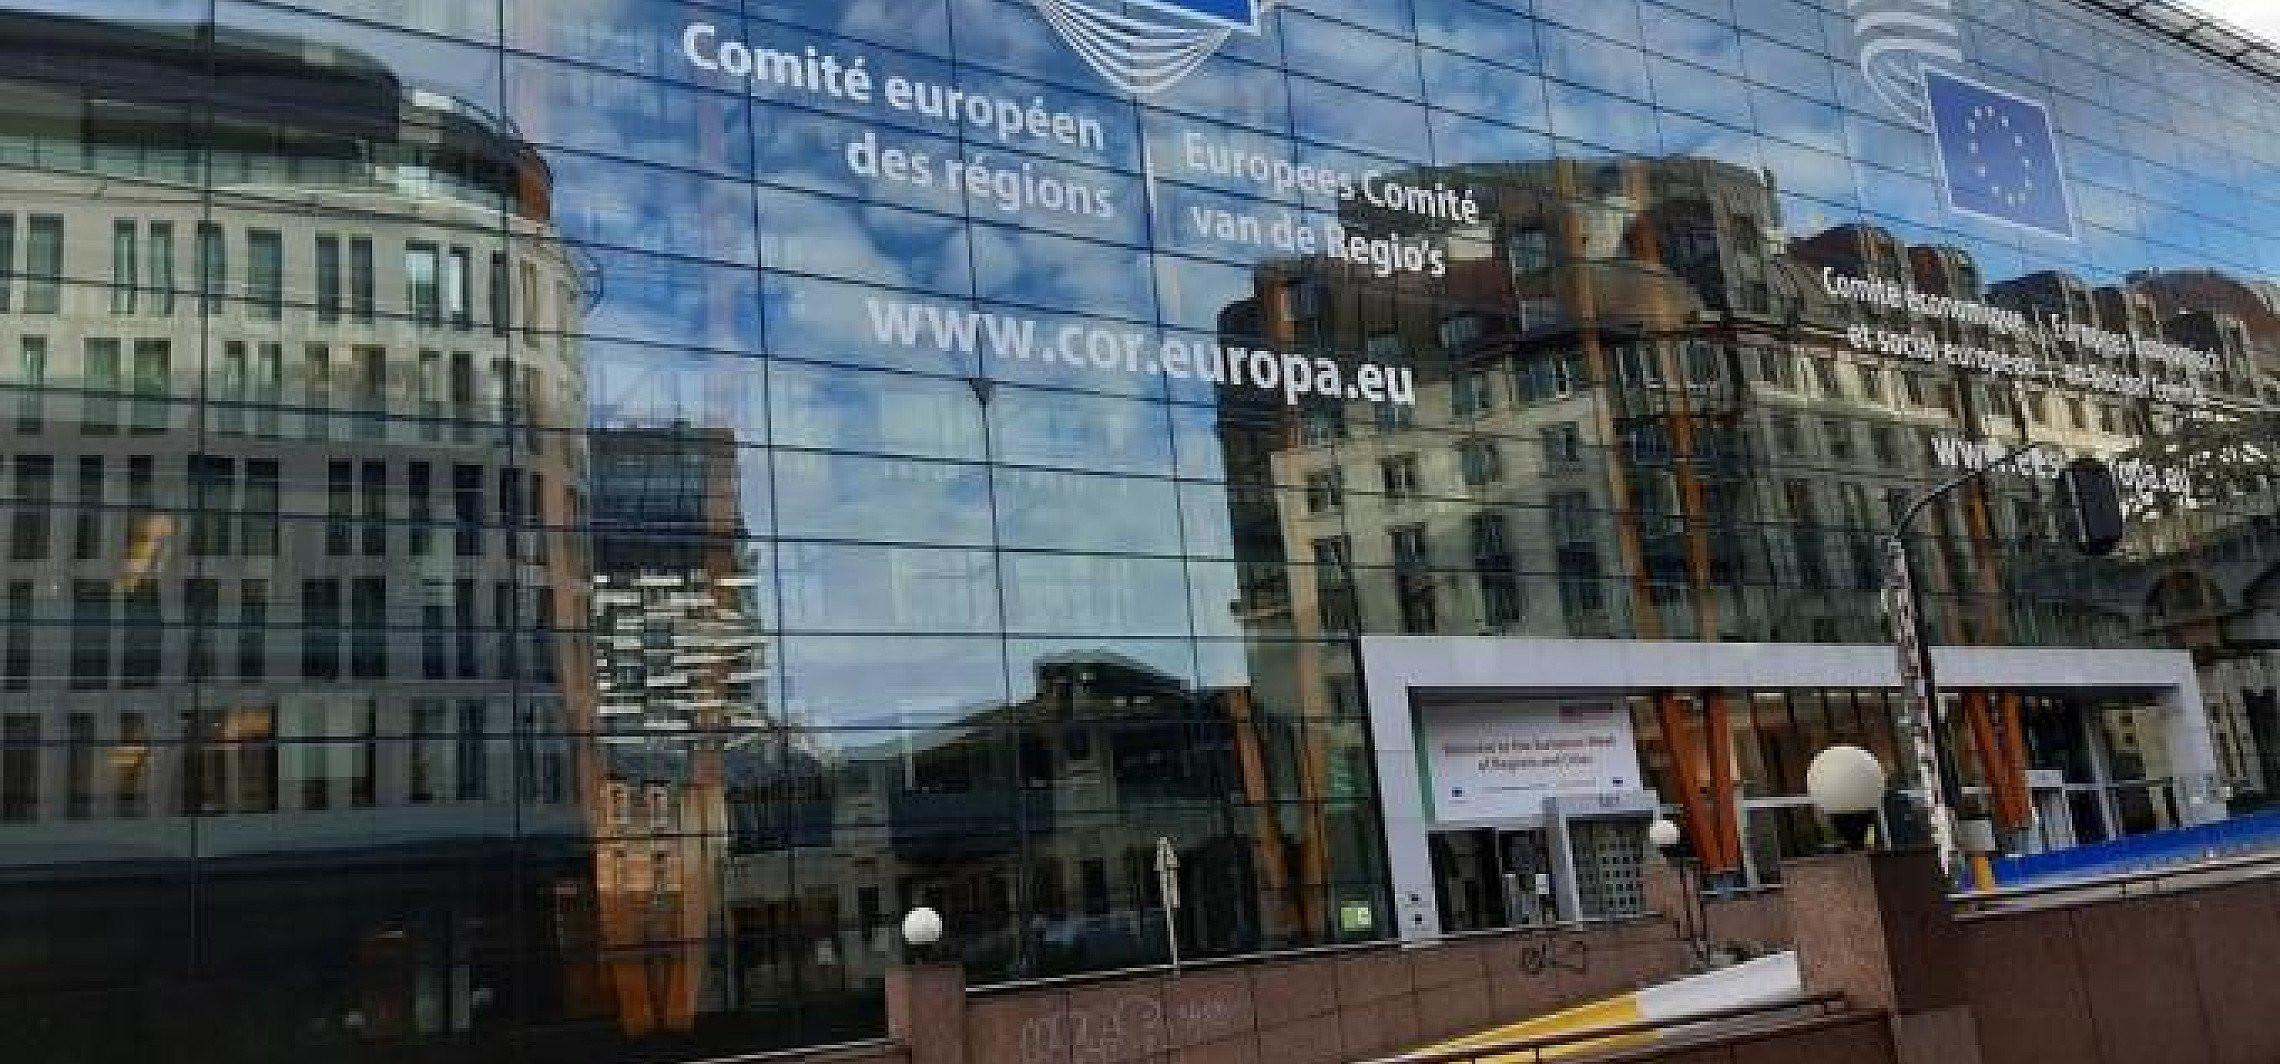 Kraj - Zakończyła się główna część 18. Europejskiego Tygodnia Regionów i Miast